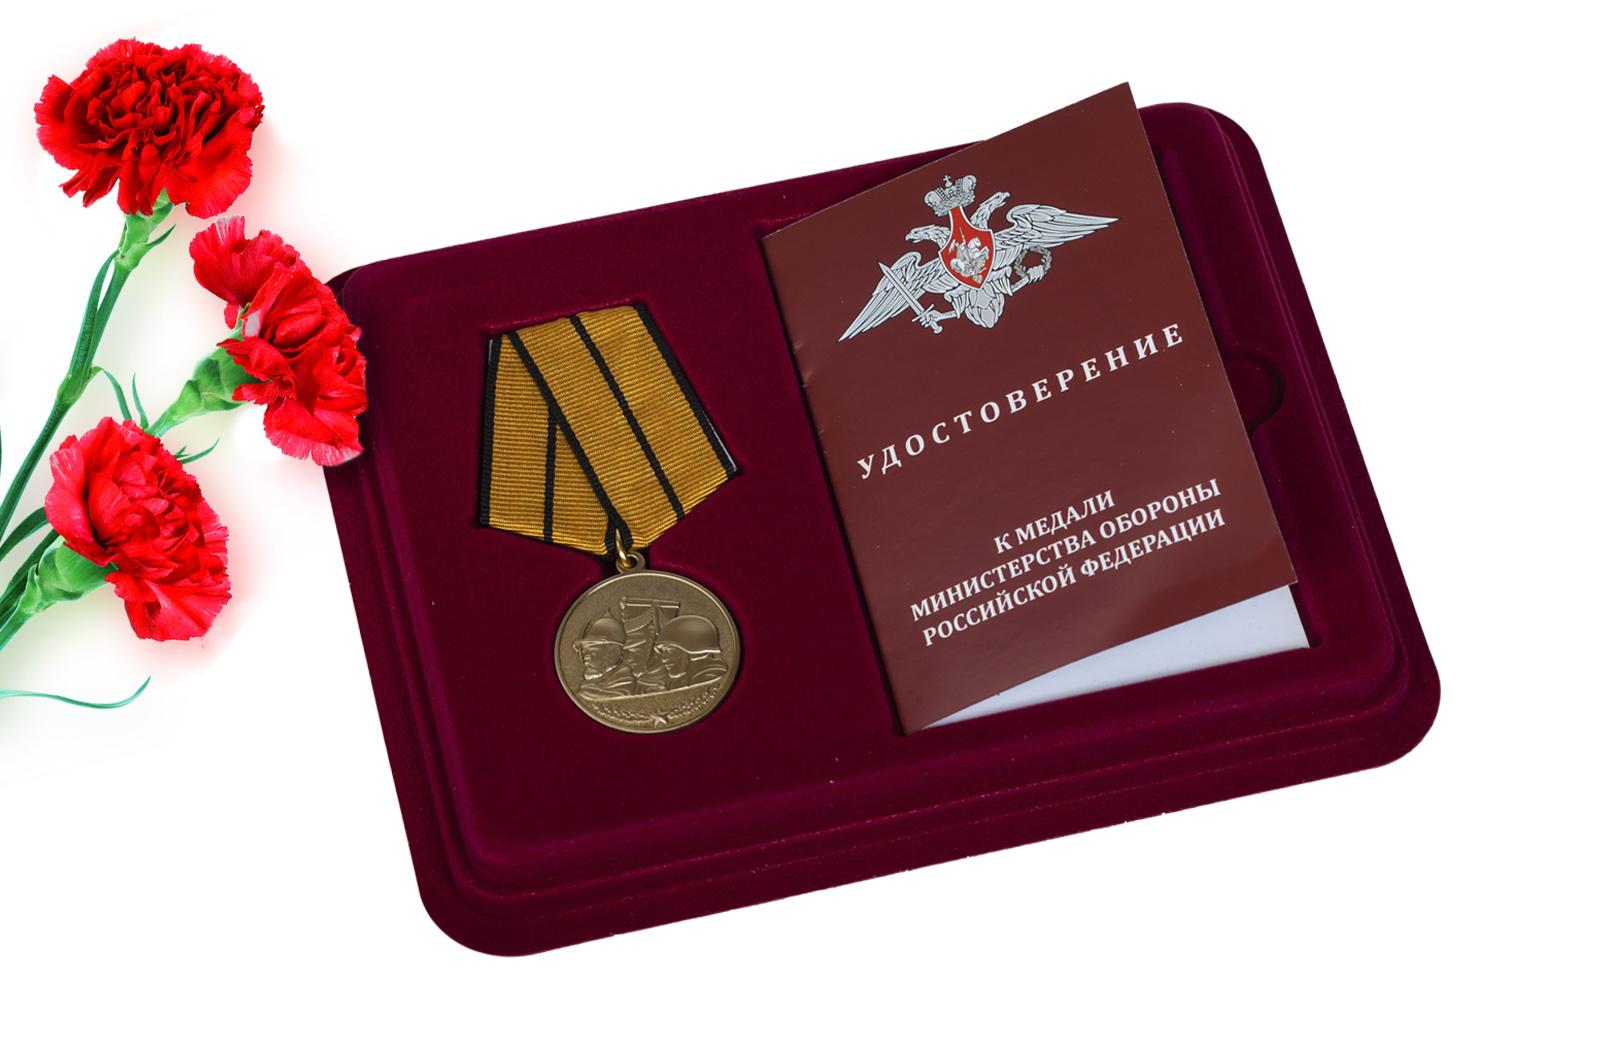 Купить медаль МО РФ Памяти героев Отечества по выгодной цене